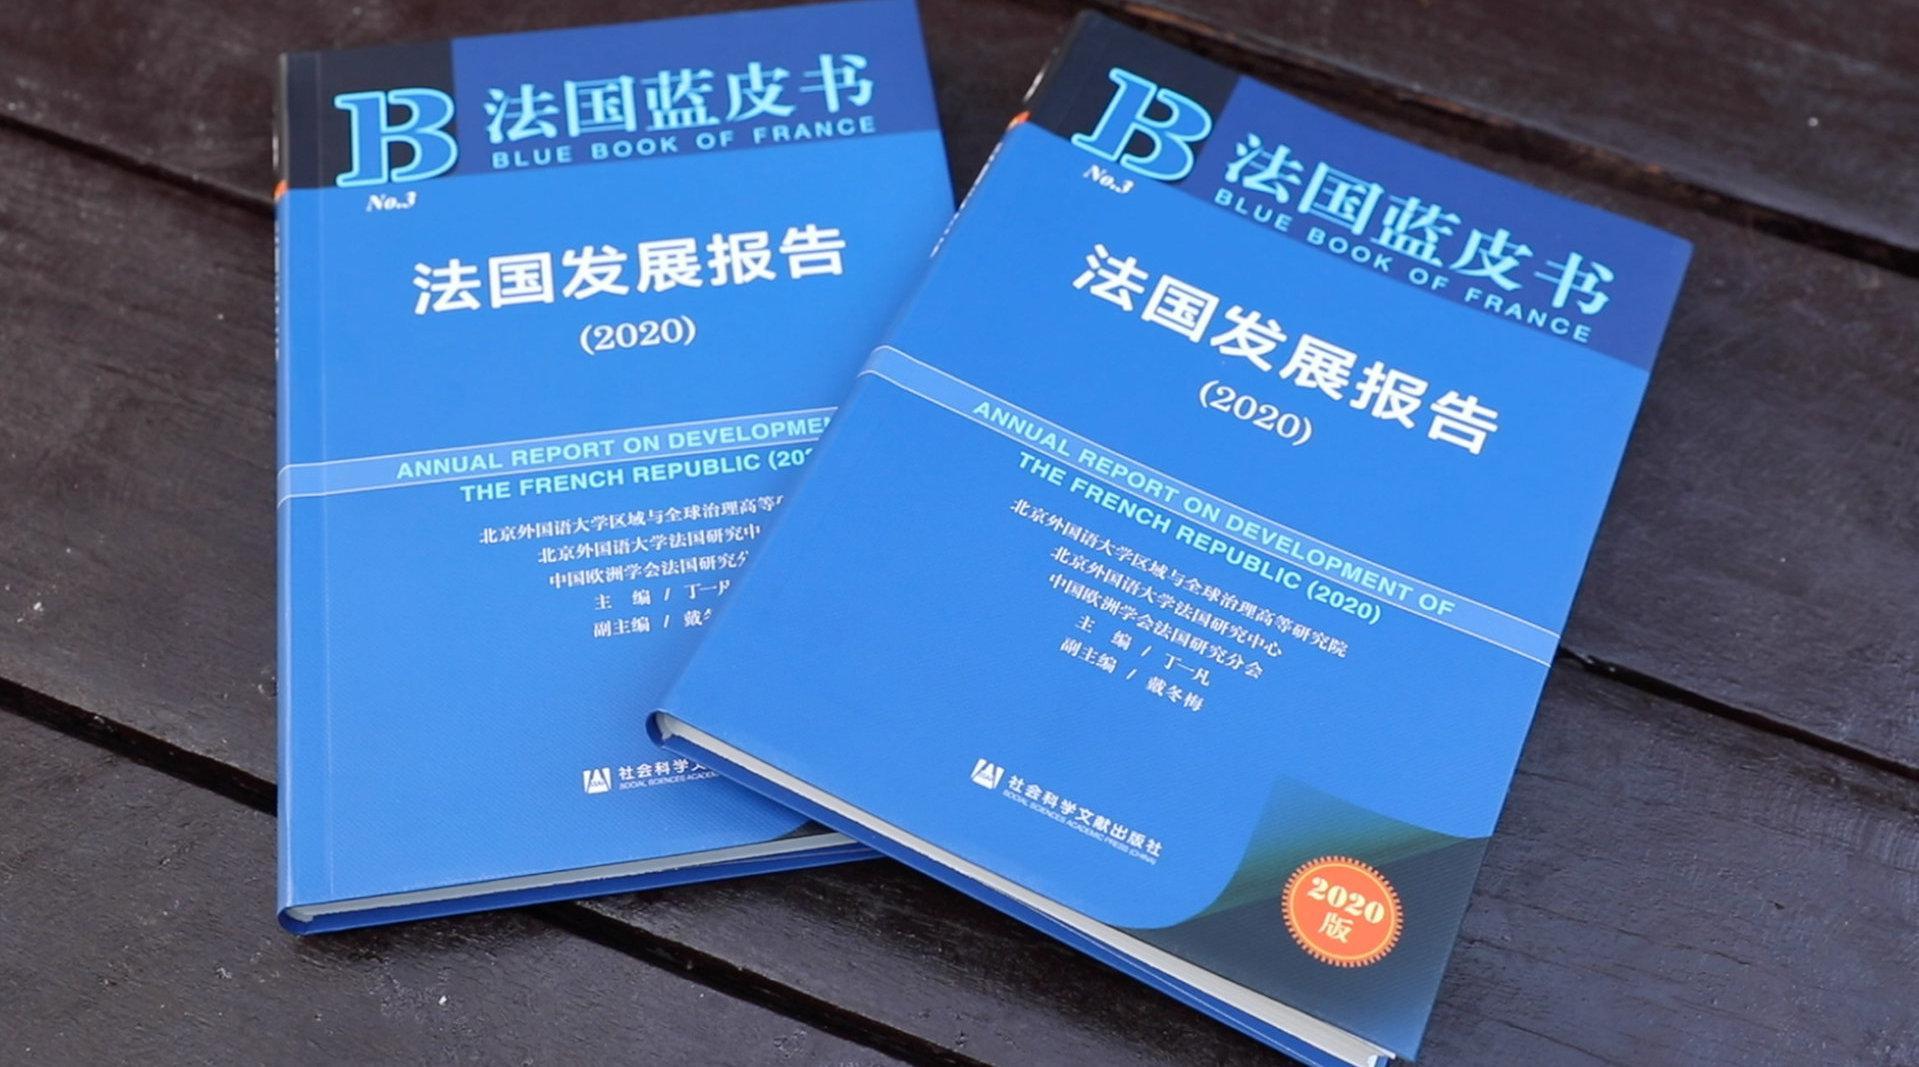 《法国 发展报告2020》发布会在北京外国语大学 举办